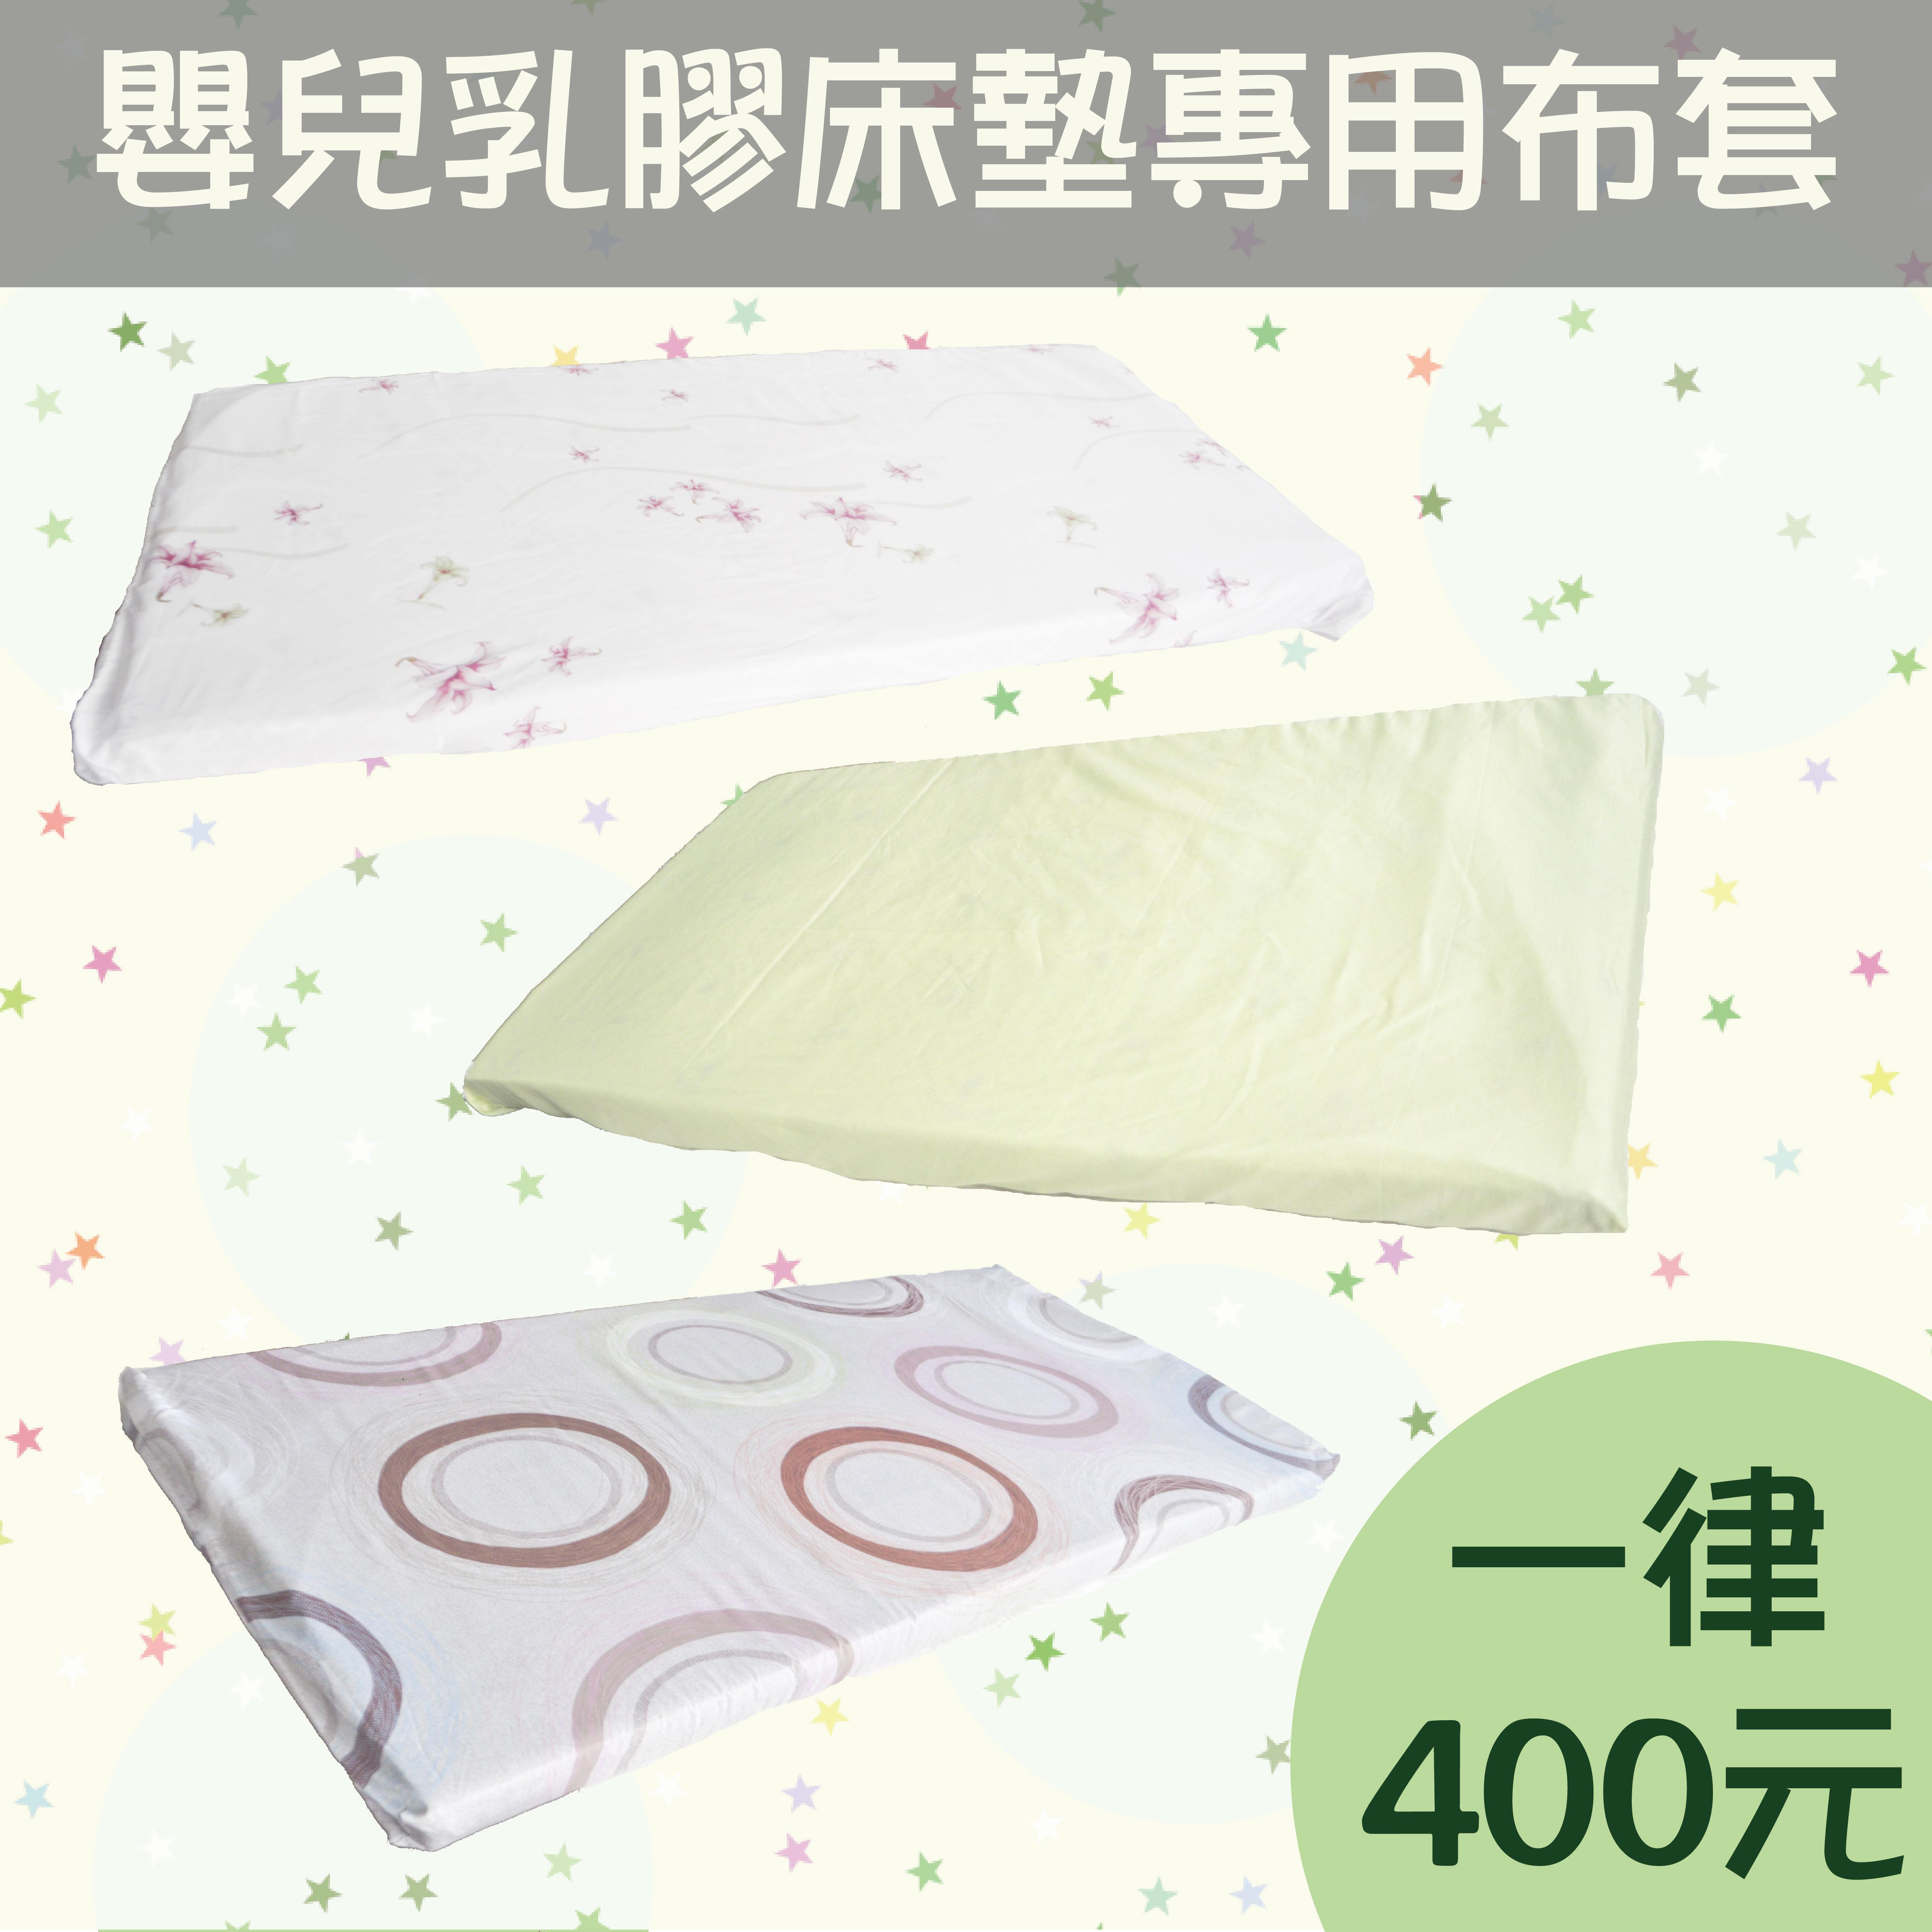 【名流寢飾家居館】天絲.100%精梳棉.嬰兒床墊專用布套.乳膠床墊用.2X4尺